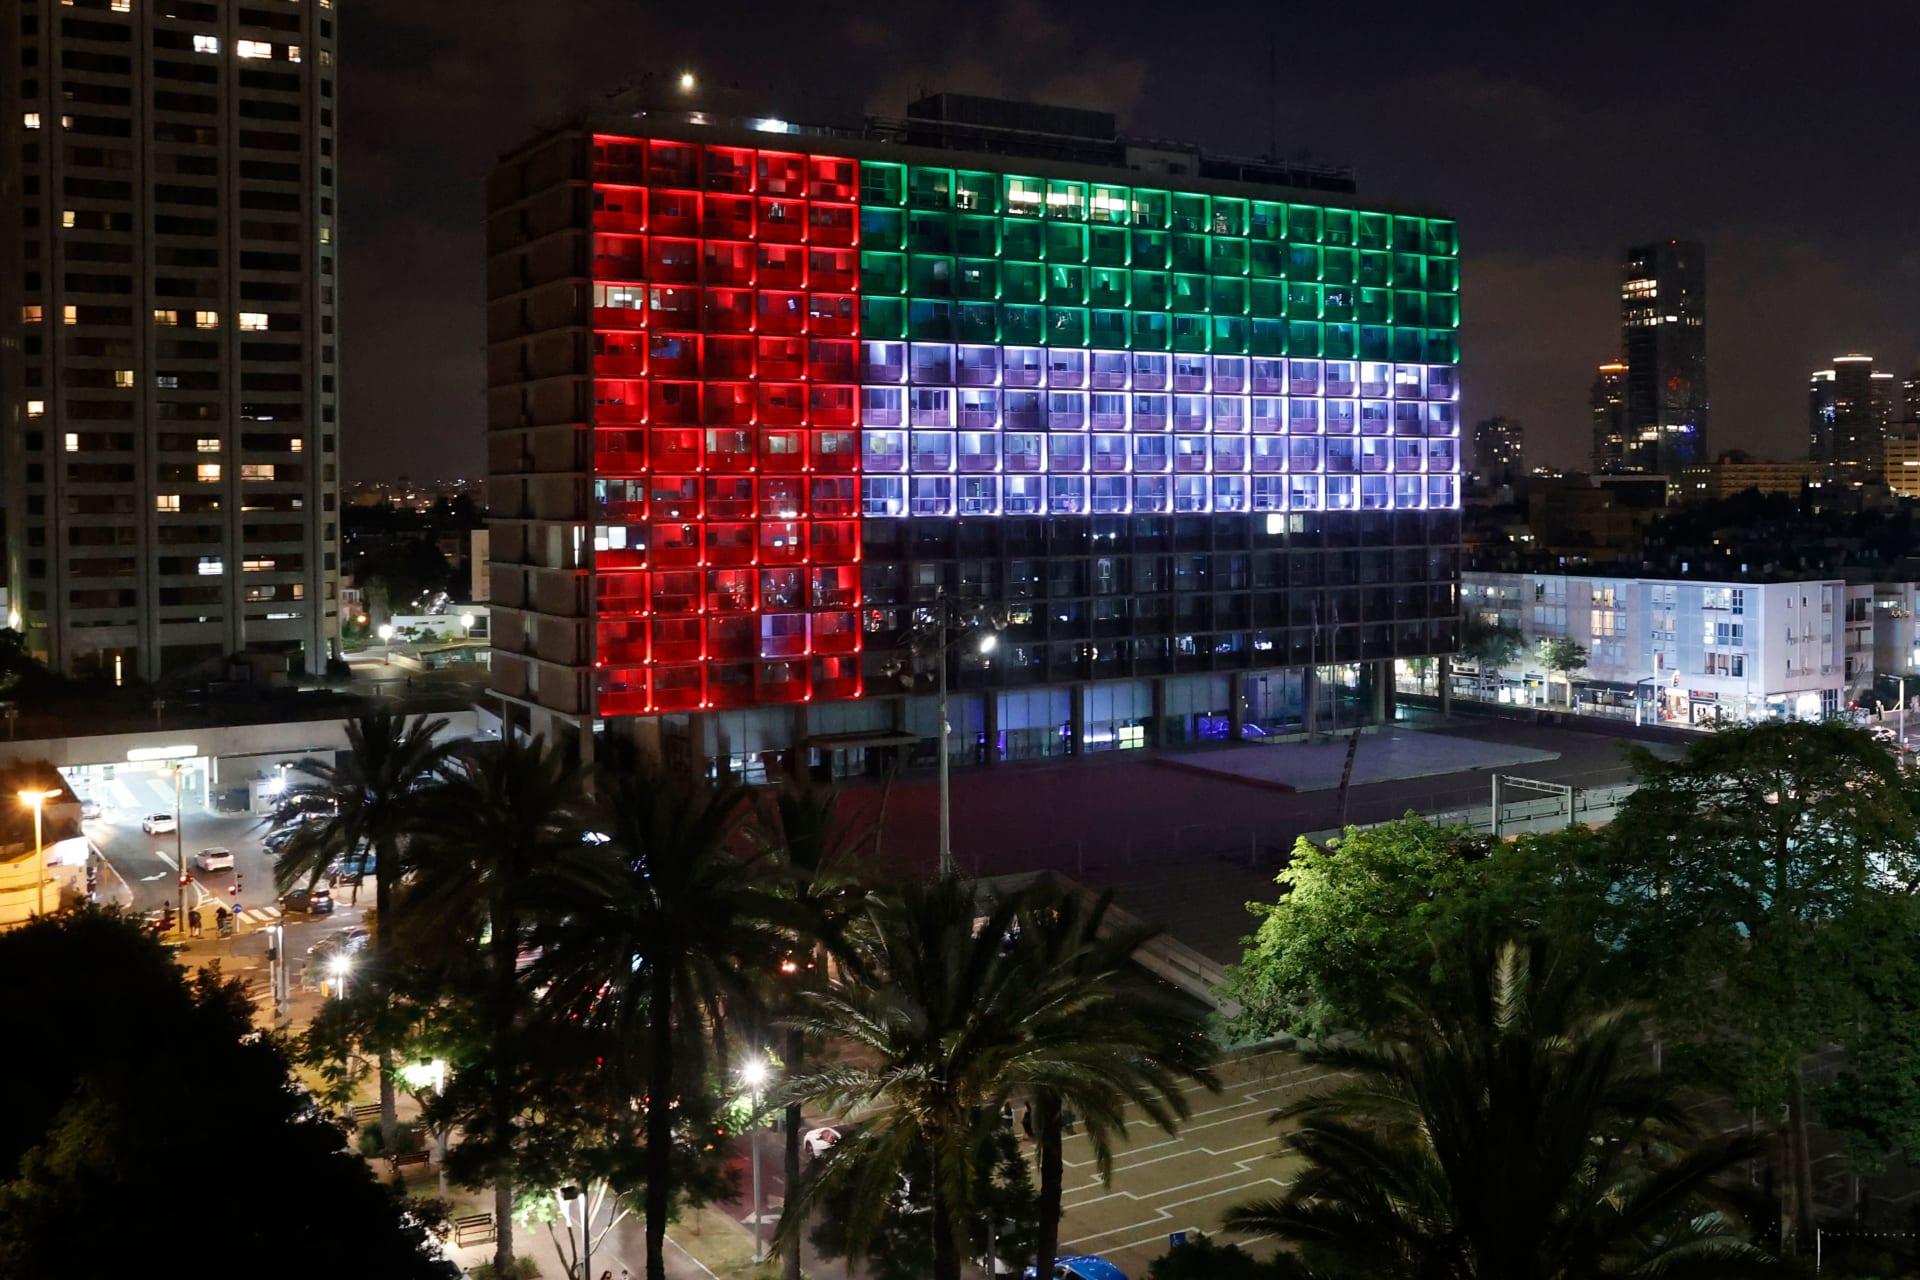 مبنى في تل أبيب يضيء بألوان العلم الإماراتي عقب إعلان اتفاقية السلام